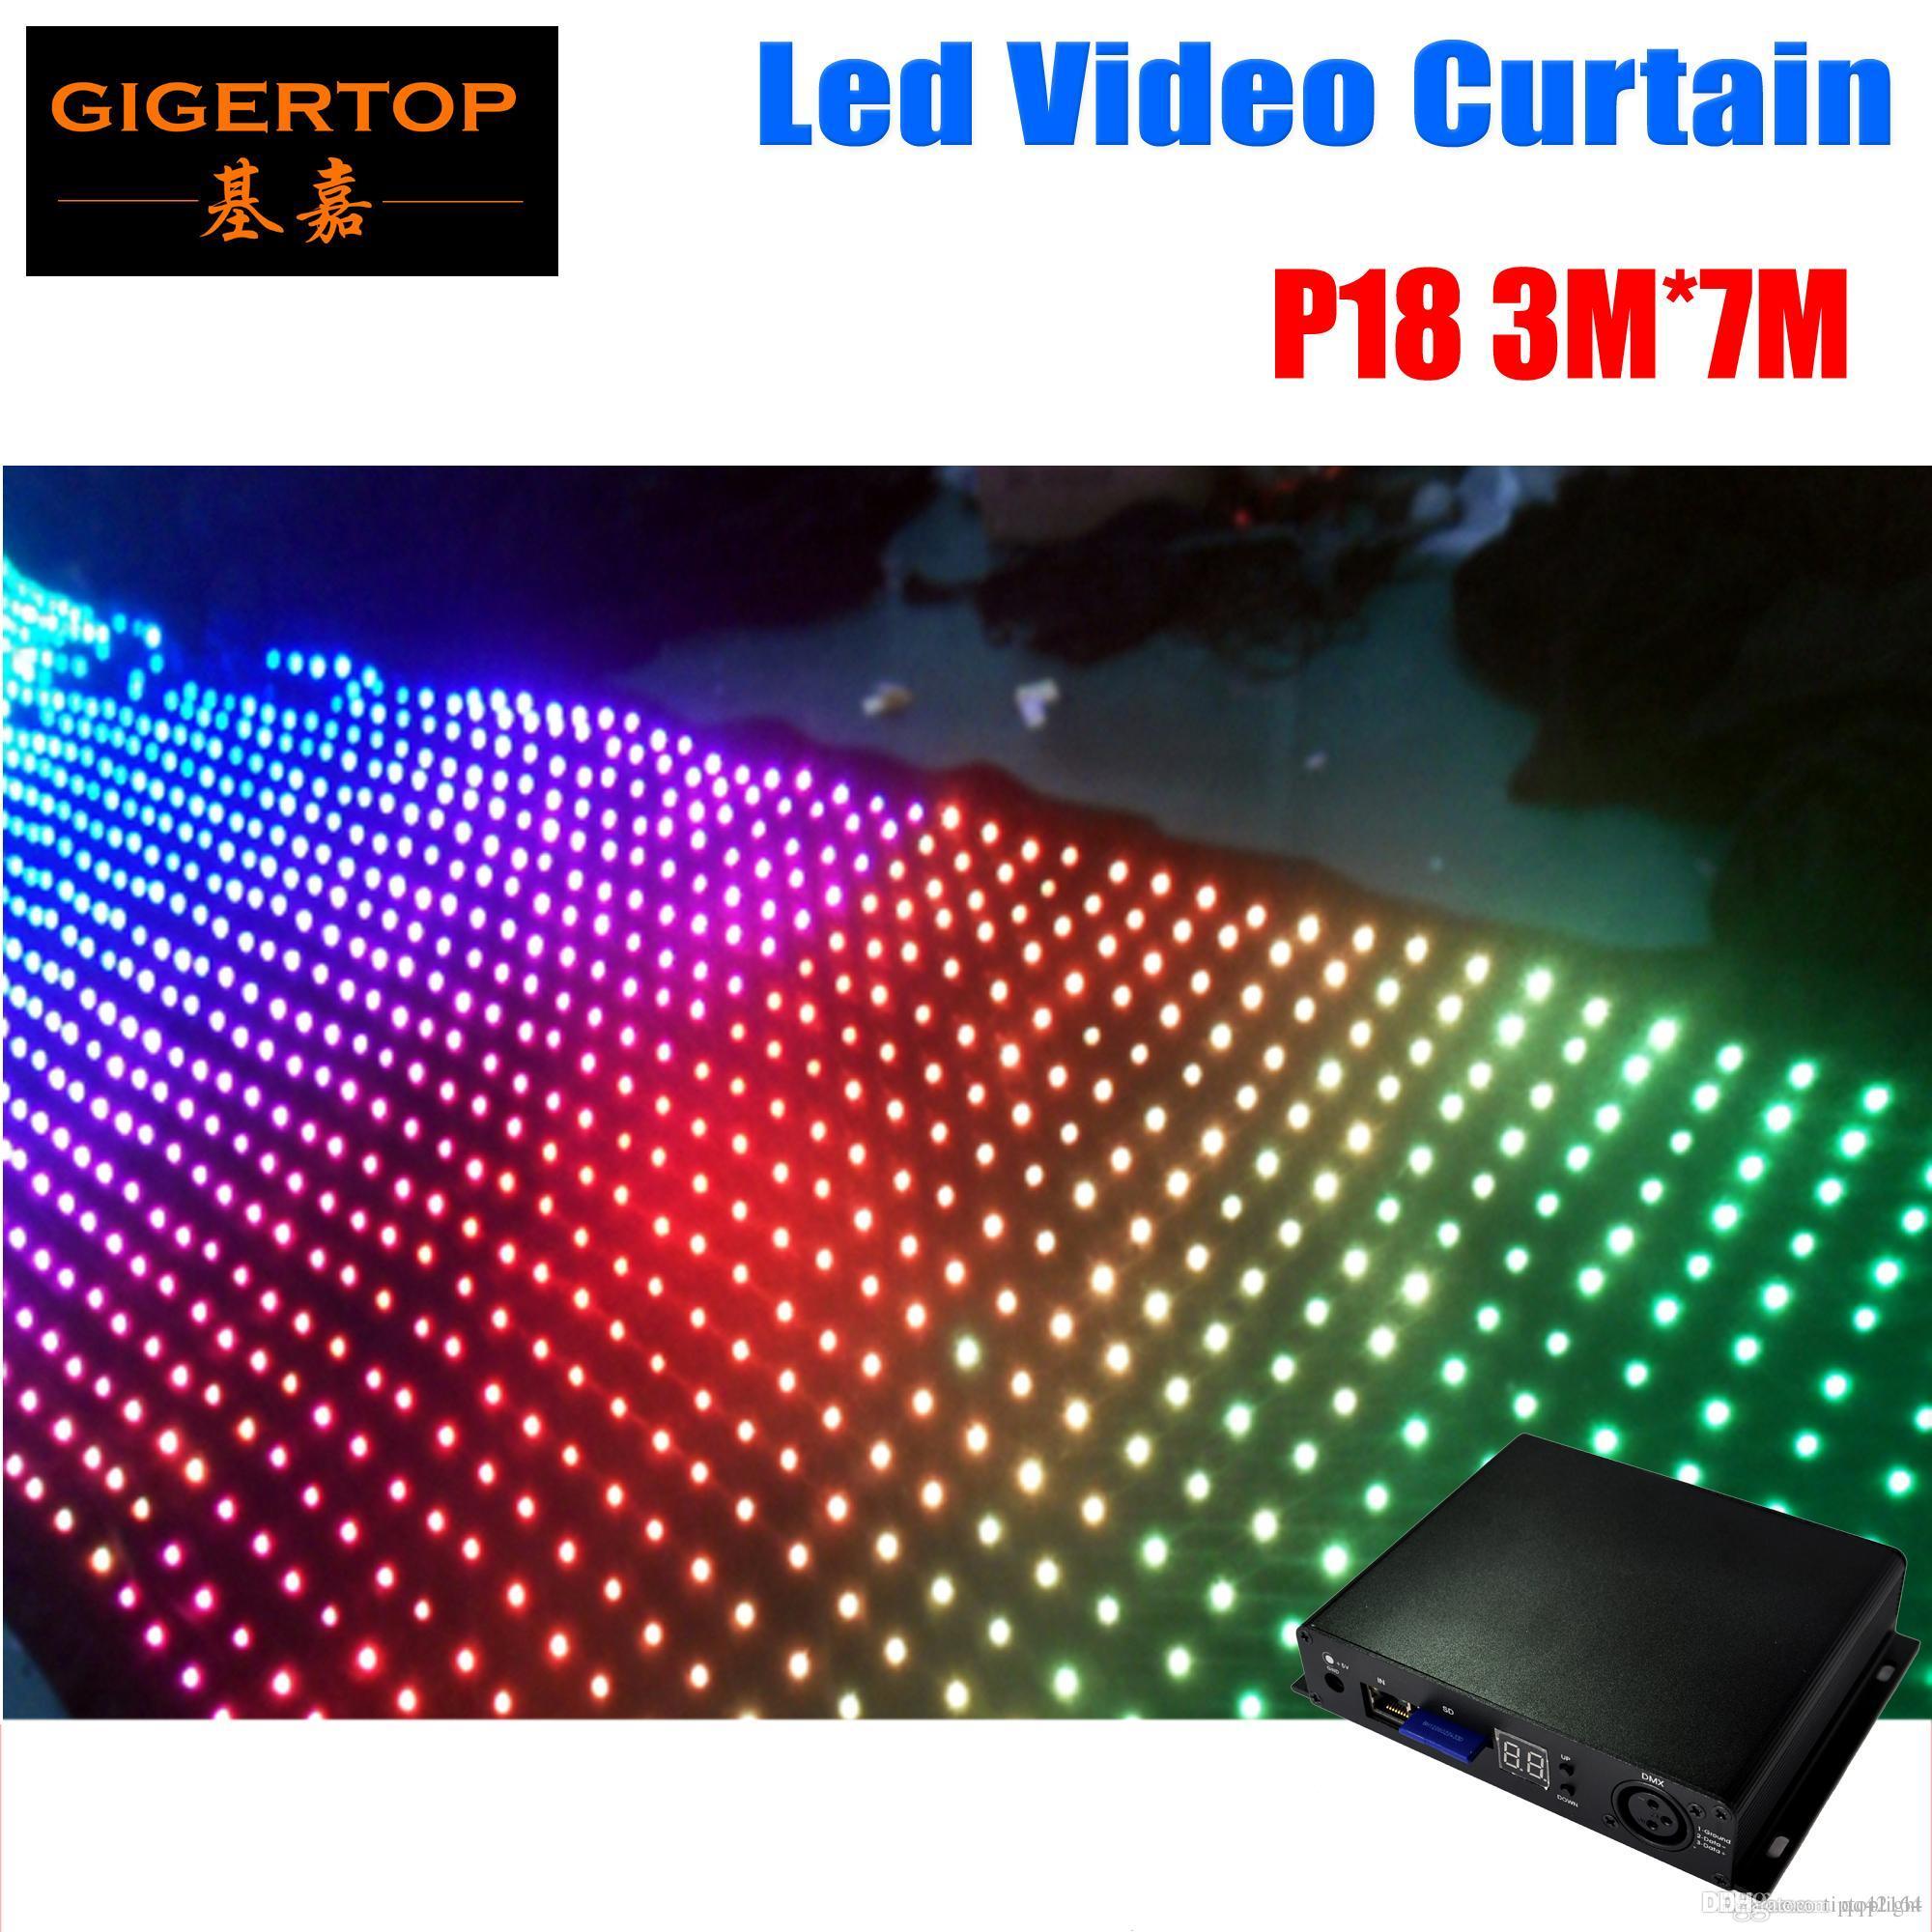 Pitch 18/19/20 3M * 7M LED-Stern-Vorhang Off Line Modus LED Video-Vorhang für DJ Hochzeitshintergründe wählen